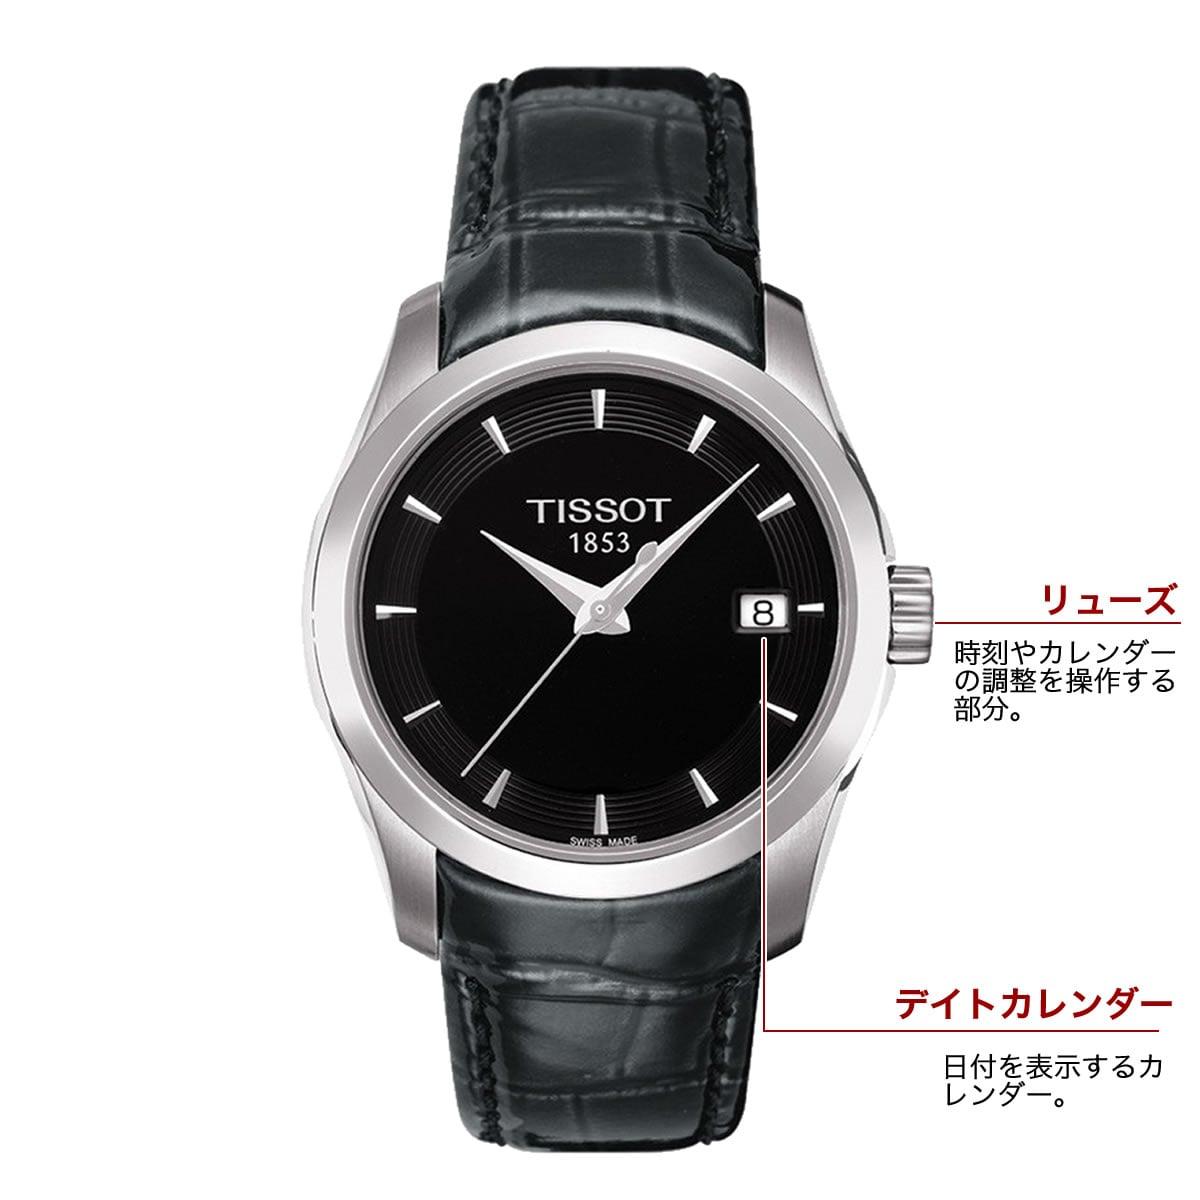 ティソ クォーツ 女性用腕時計t0352101605100